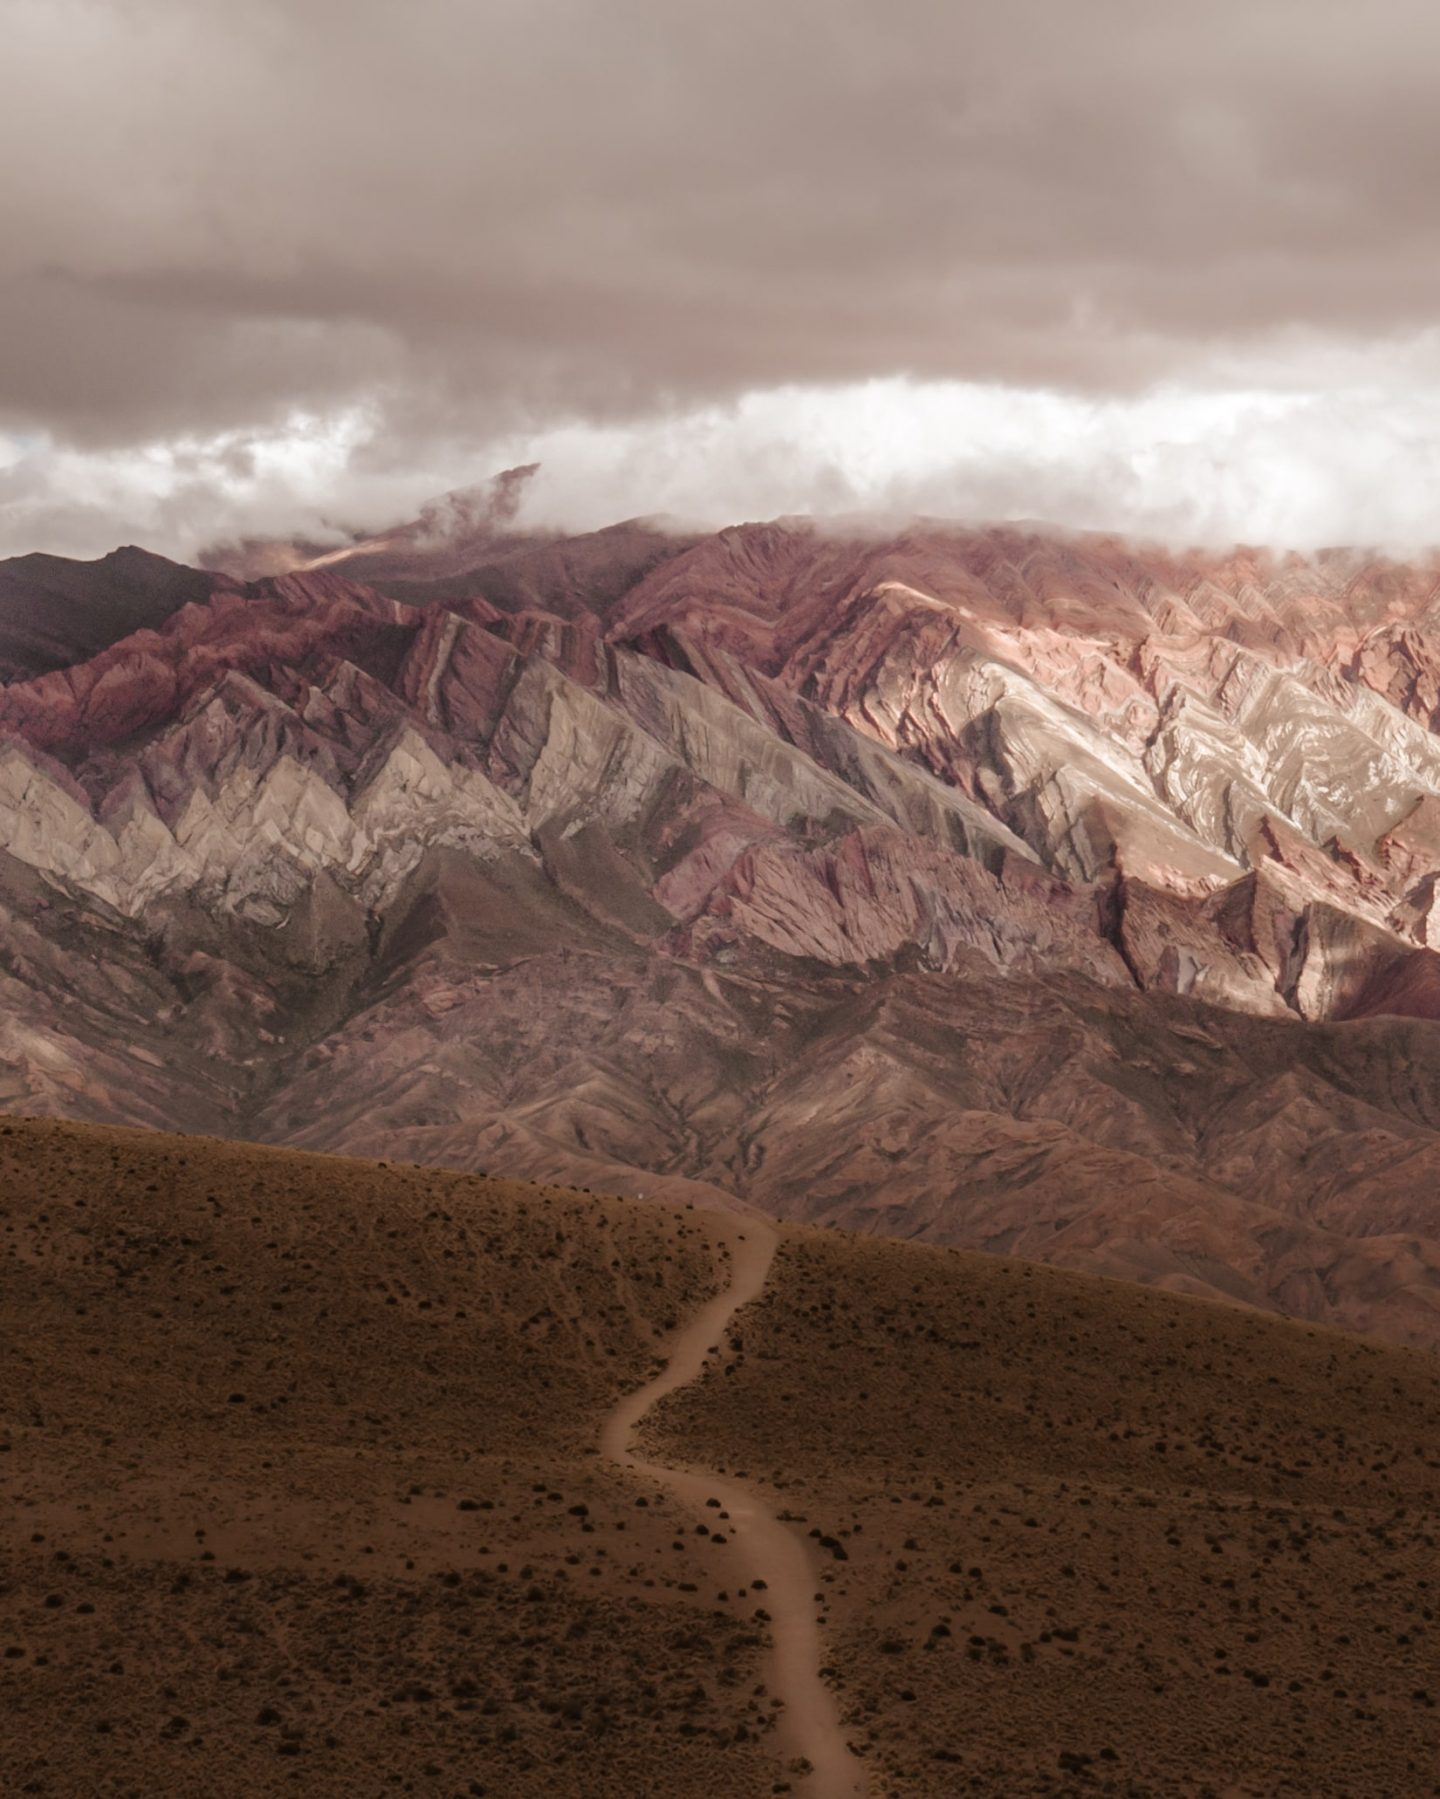 IGNANT-Photography-Landscape-HoracioReyePaez-23